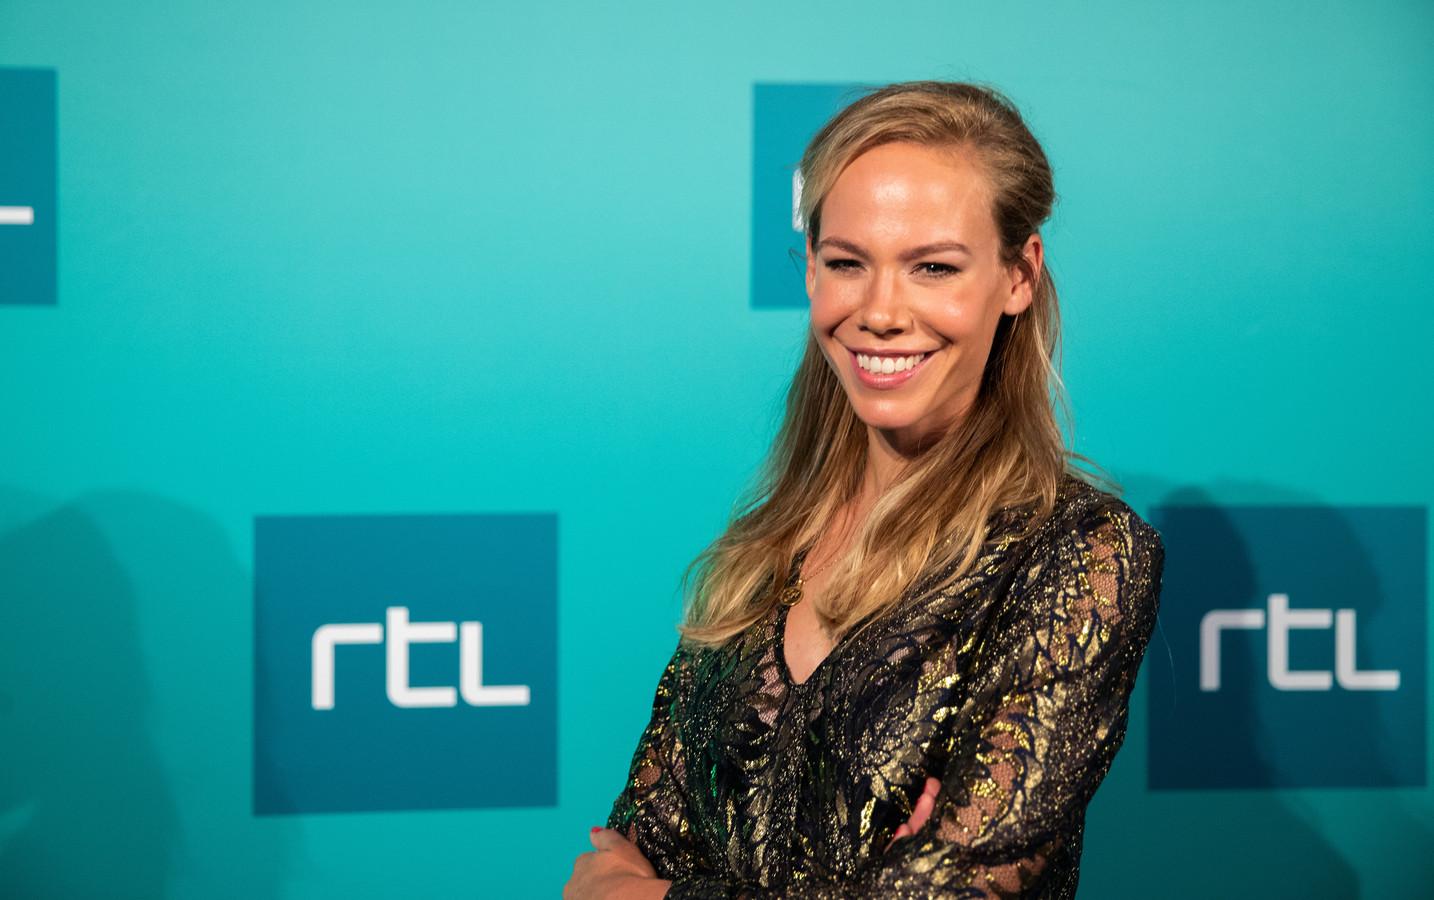 Nicolette Kluijver.